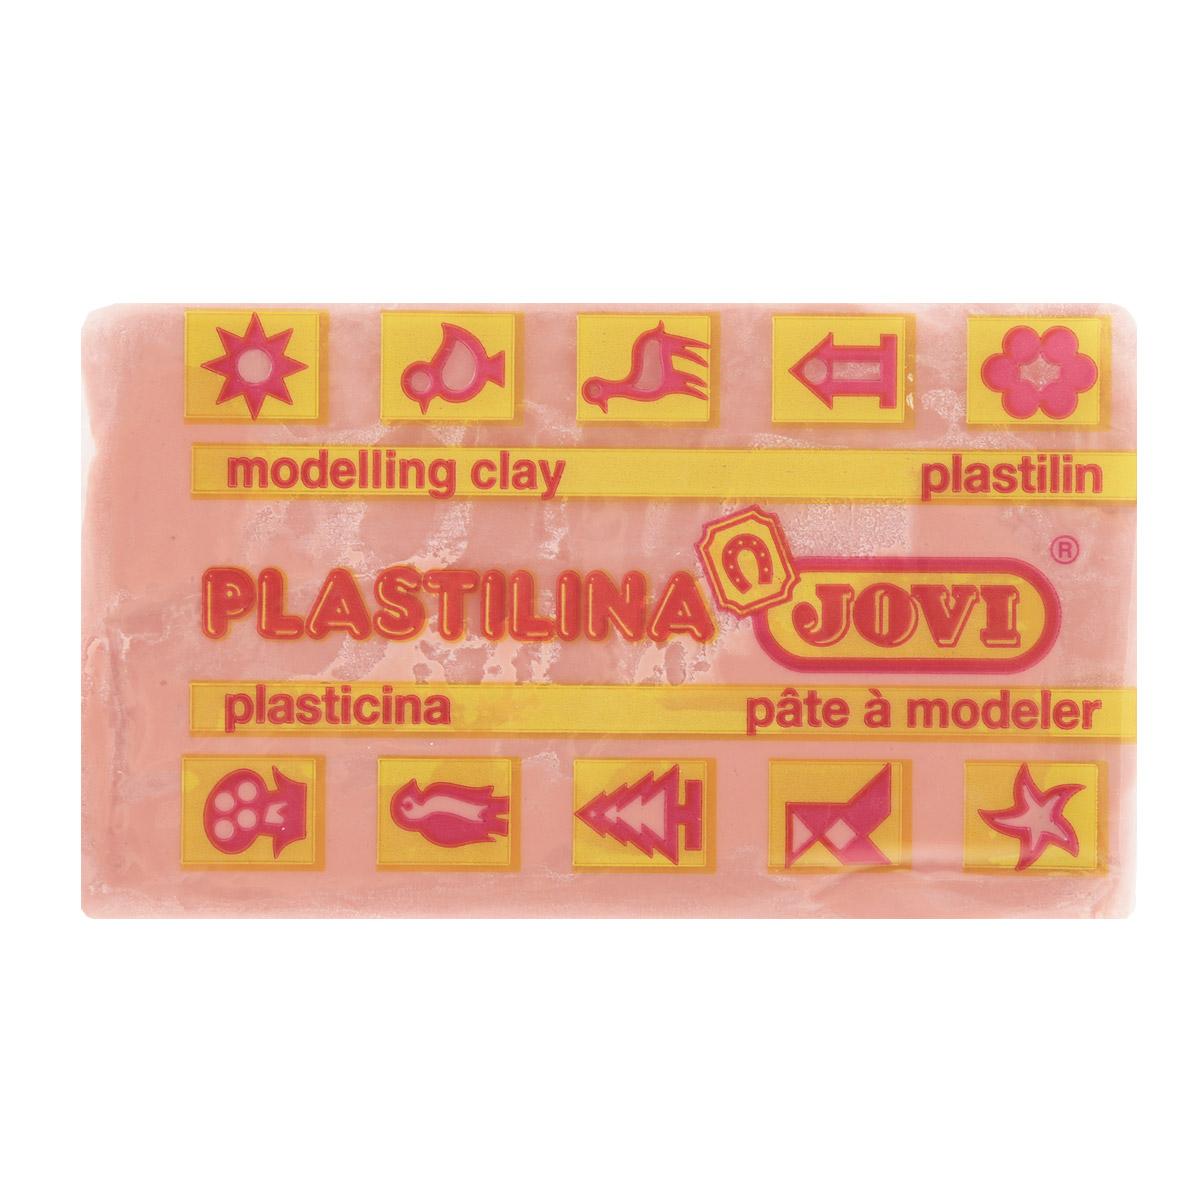 Jovi Пластилин, цвет: бледно-розовый, 50 г70/30U_бледно-розовыйПластилин Jovi - лучший выбор для лепки, он обладает превосходными изобразительными возможностями и поэтому дает простор воображению и самым смелым творческим замыслам. Пластилин, изготовленный на растительной основе, очень мягкий, легко разминается и смешивается, не пачкает руки и не прилипает к рабочей поверхности. Пластилин пригоден для создания аппликаций и поделок, ручной лепки, моделирования на каркасе, пластилиновой живописи - рисовании пластилином по бумаге, картону, дереву или текстилю. Пластические свойства сохраняются в течение 5 лет.